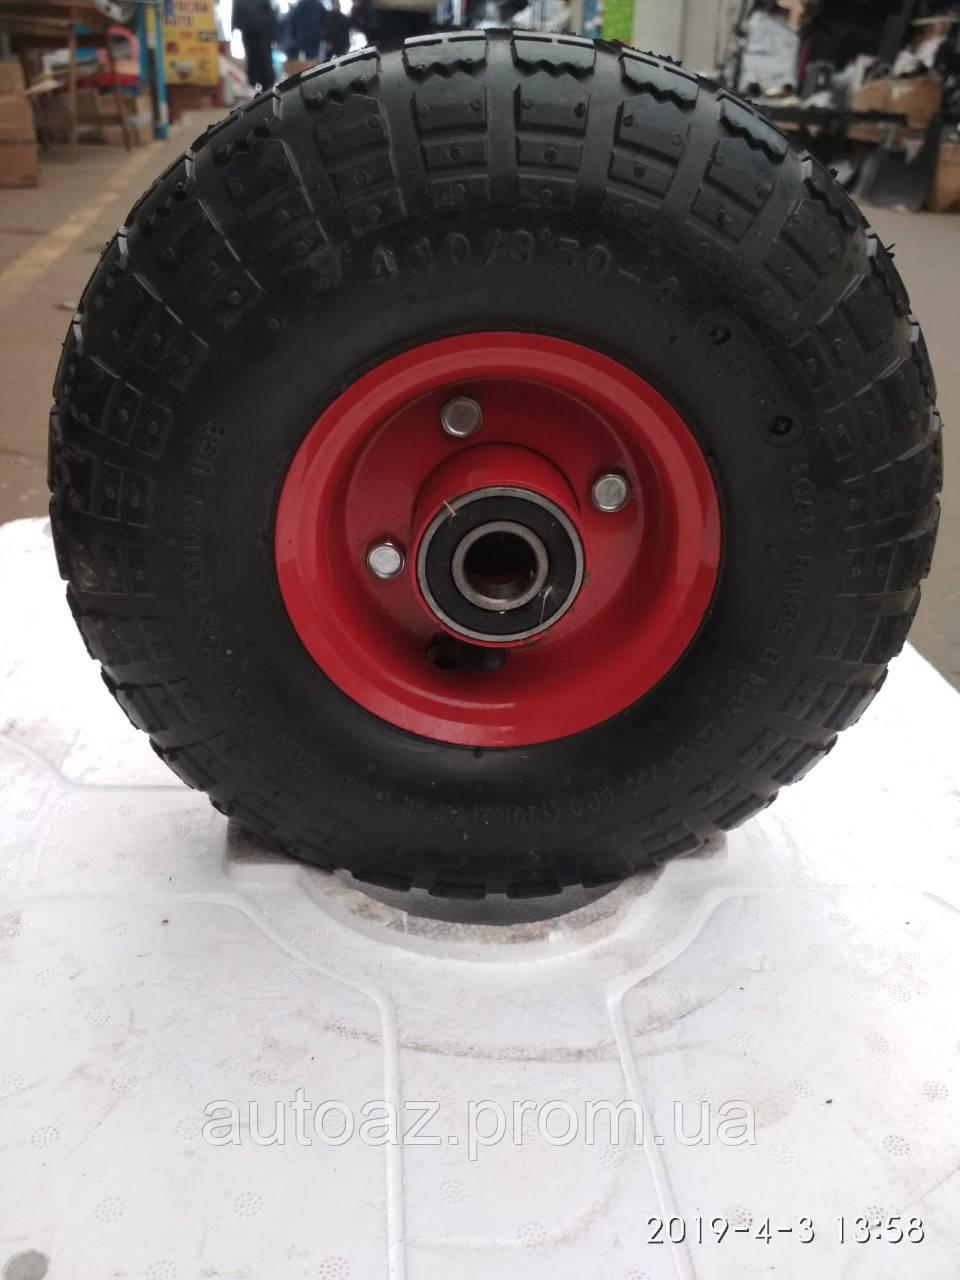 Колесо для тачки пневматическое 3.50-4 20mm